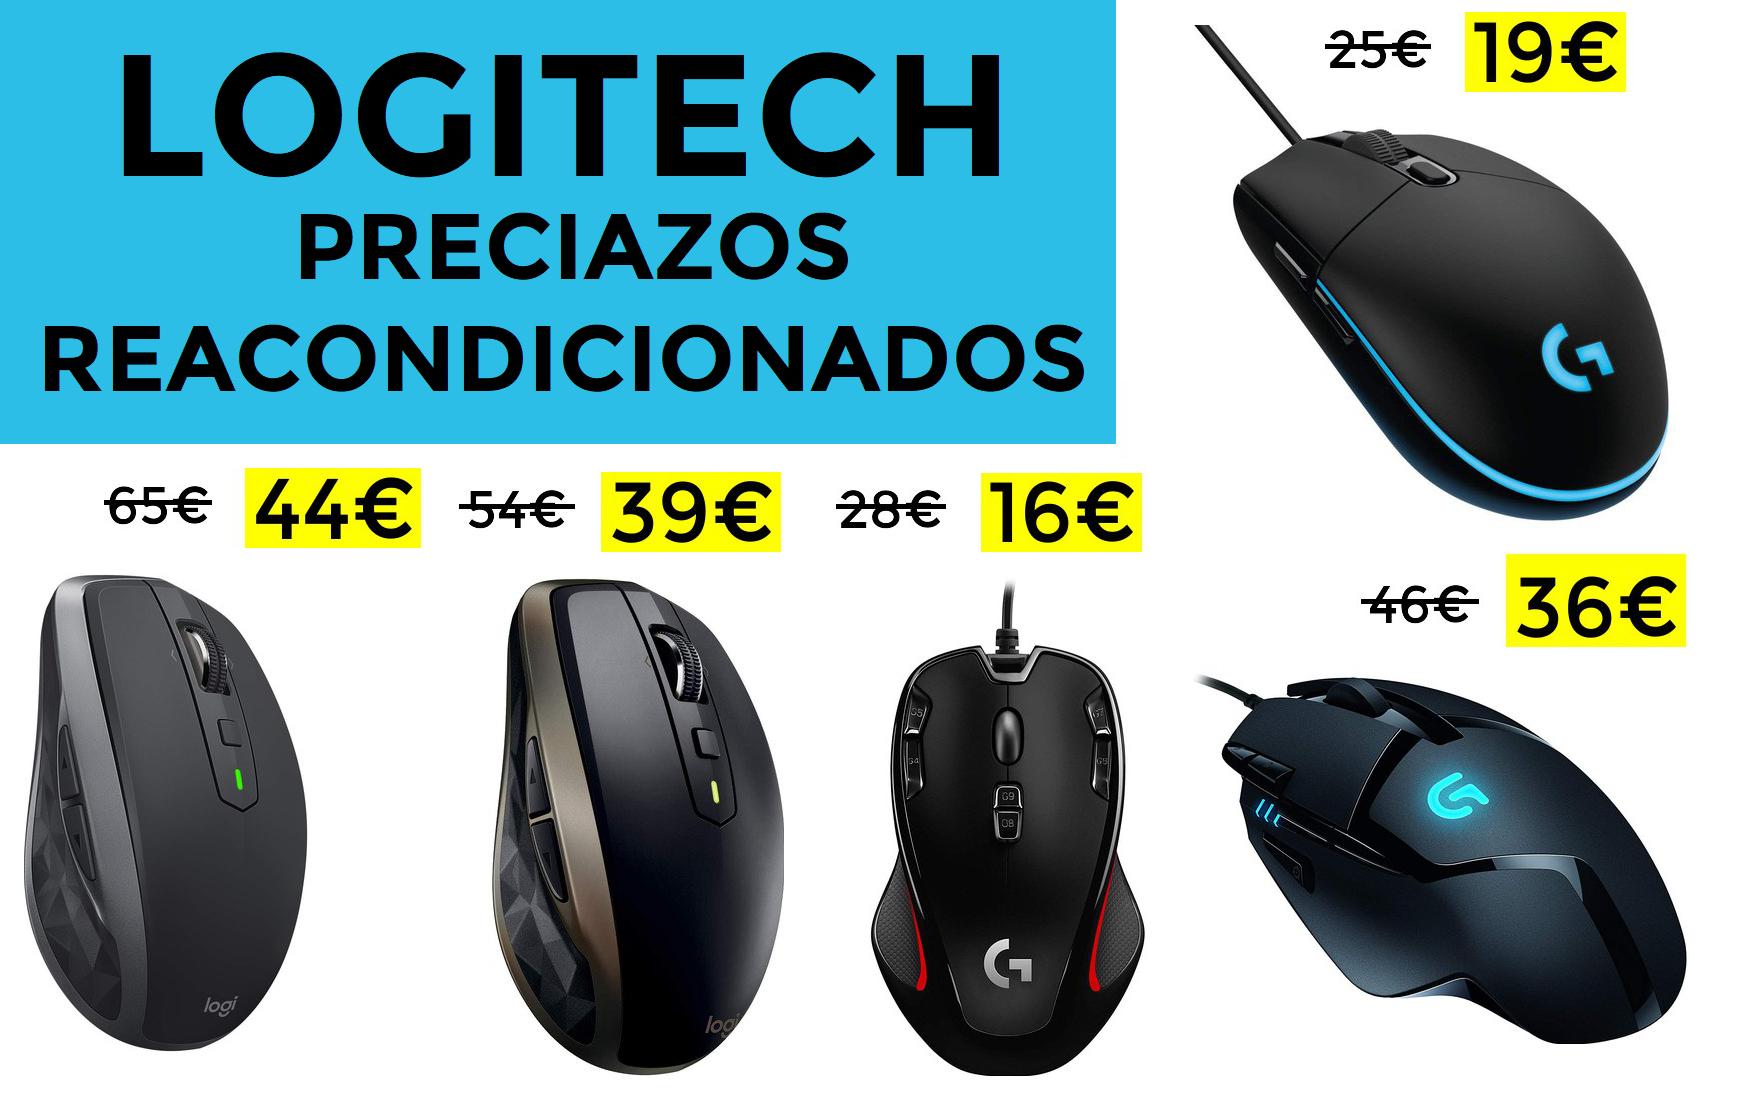 Preciazos en ratones Logitech reacondicionados